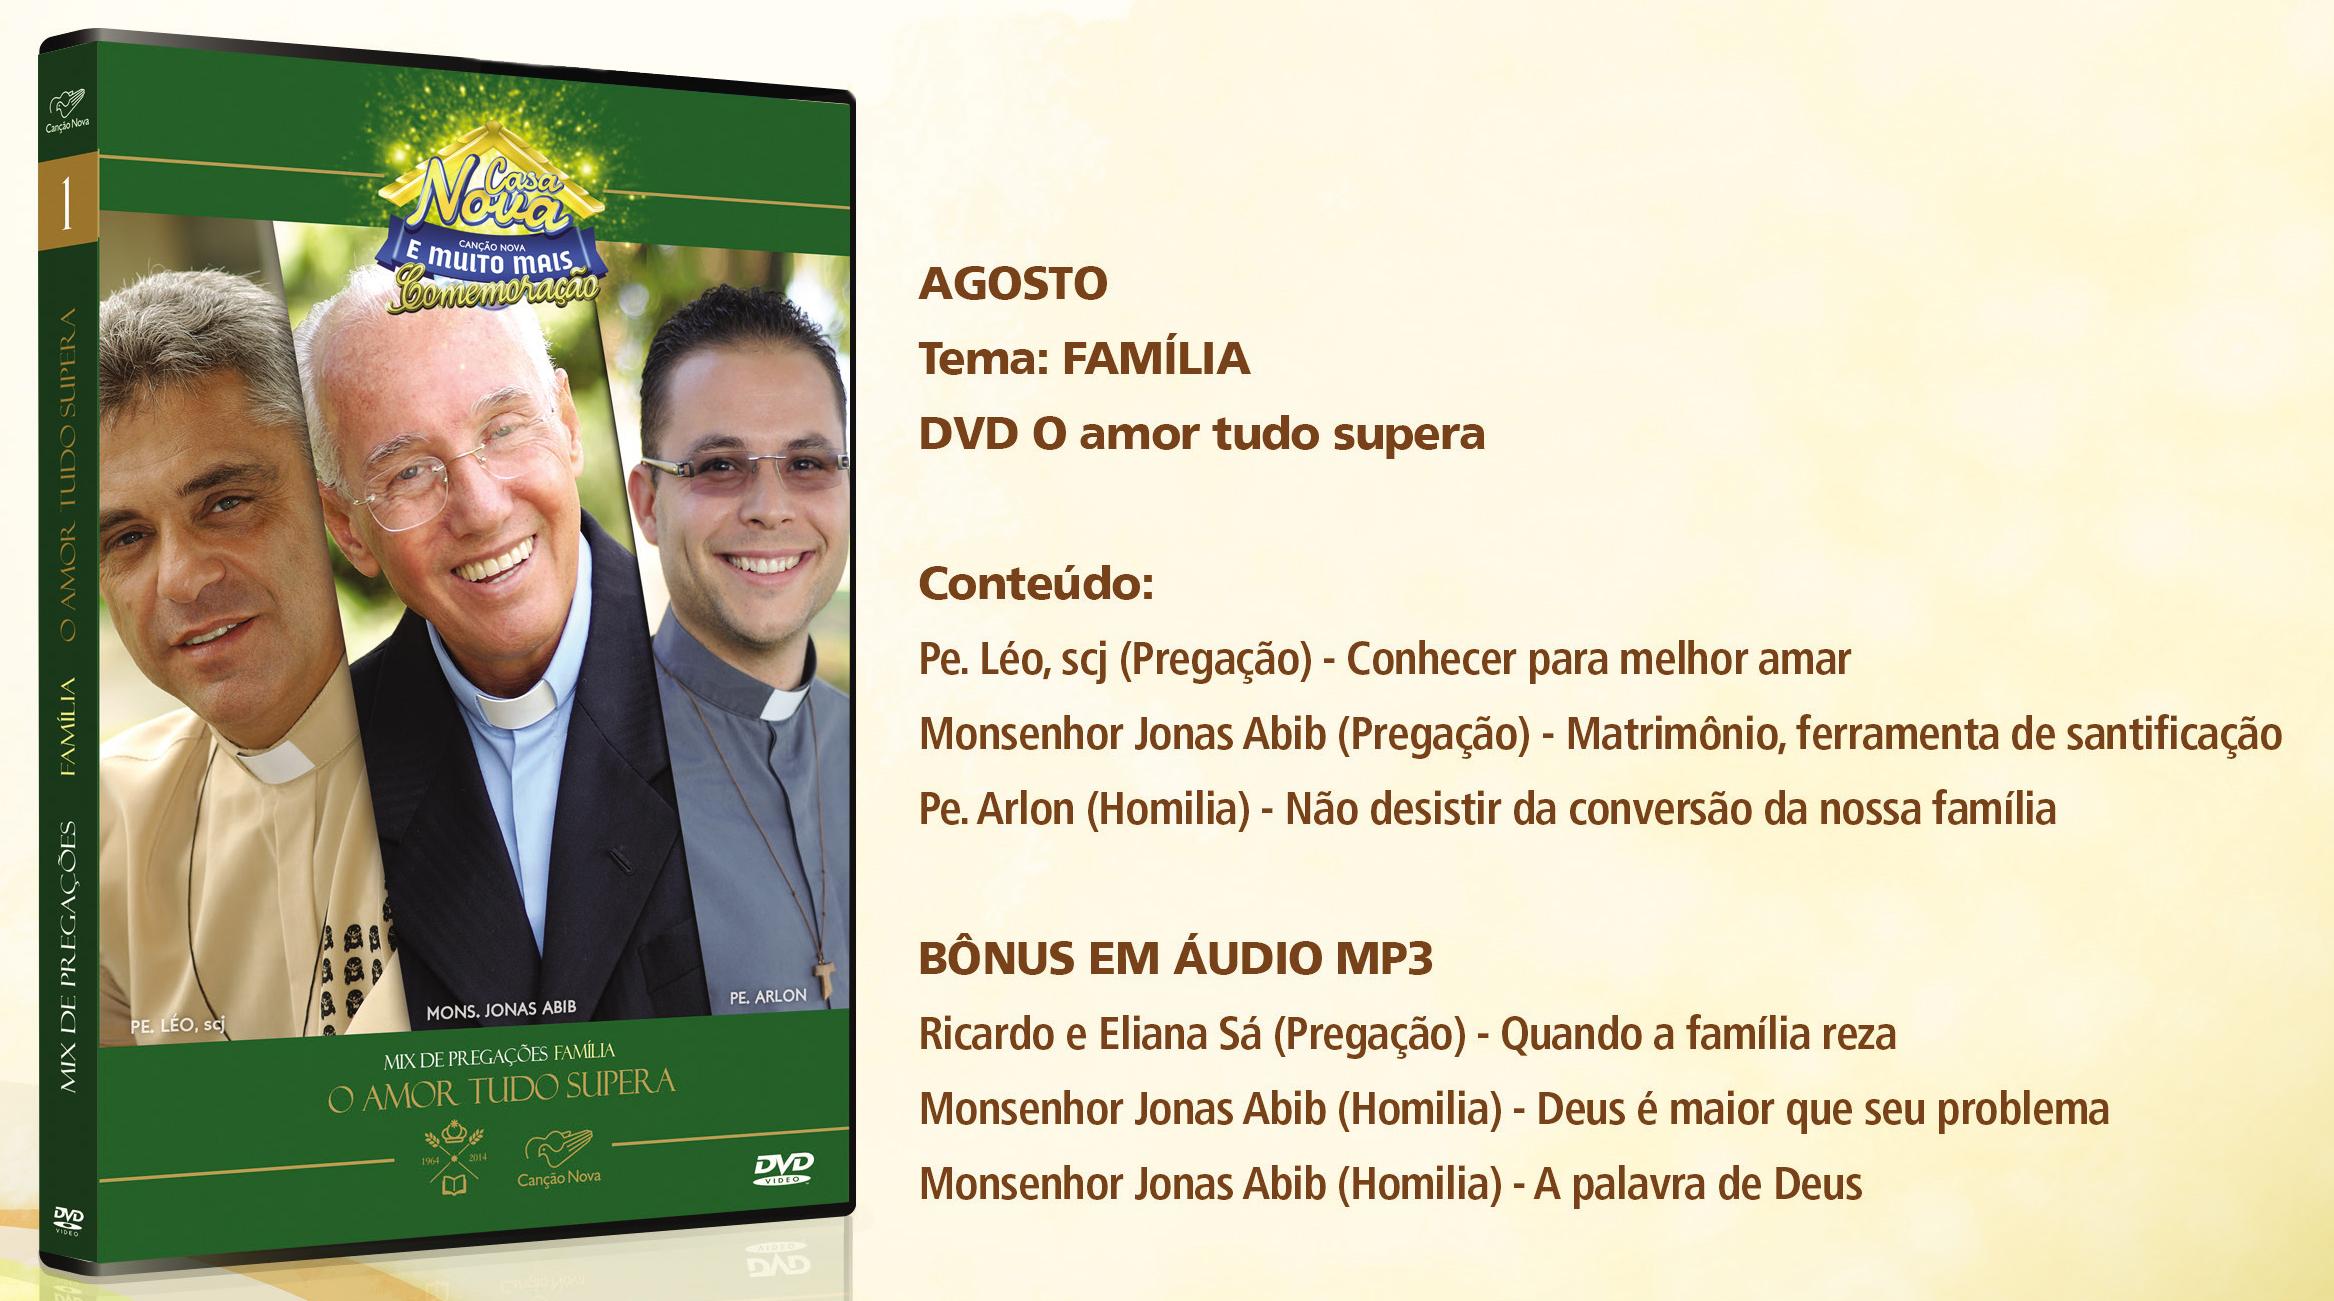 Dvd Agosto Casa Nova Canção Nova